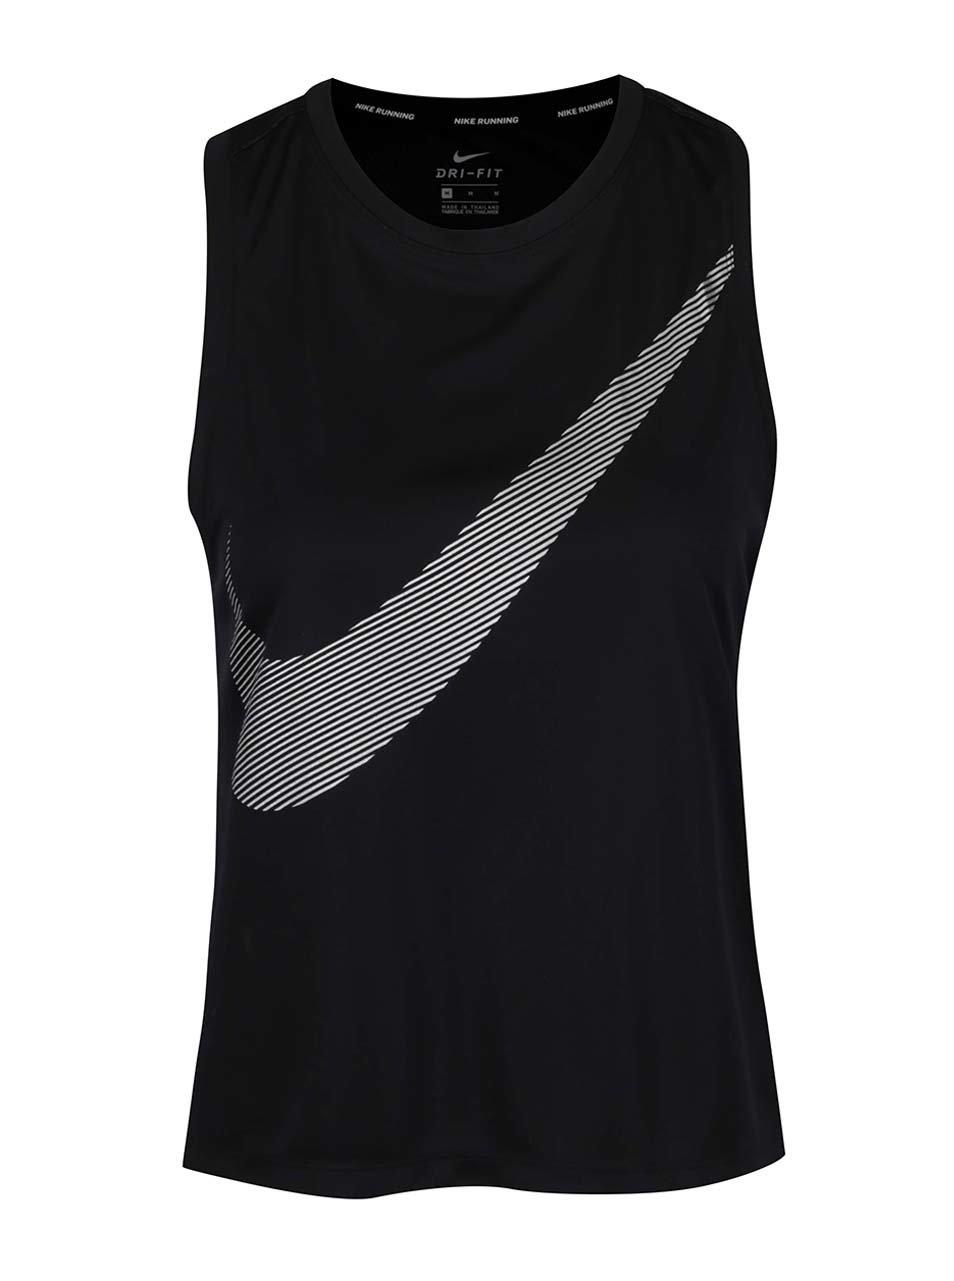 Černé dámské funkční tílko s potiskem Nike Dry